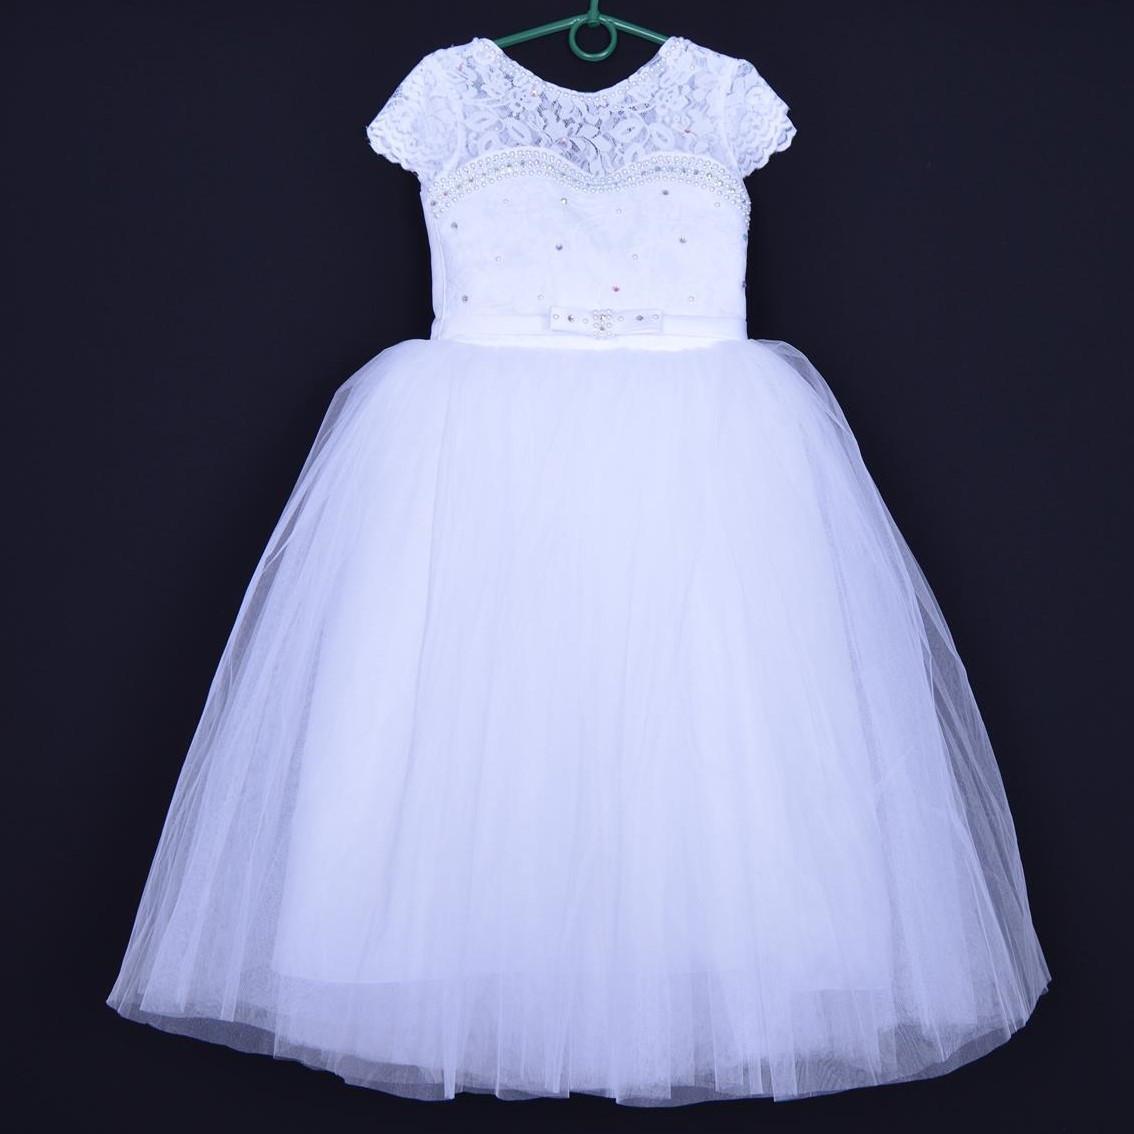 """Нарядное детское платье """"Принцесса"""". 6-7 лет. Белое. Оптом и в розницу"""